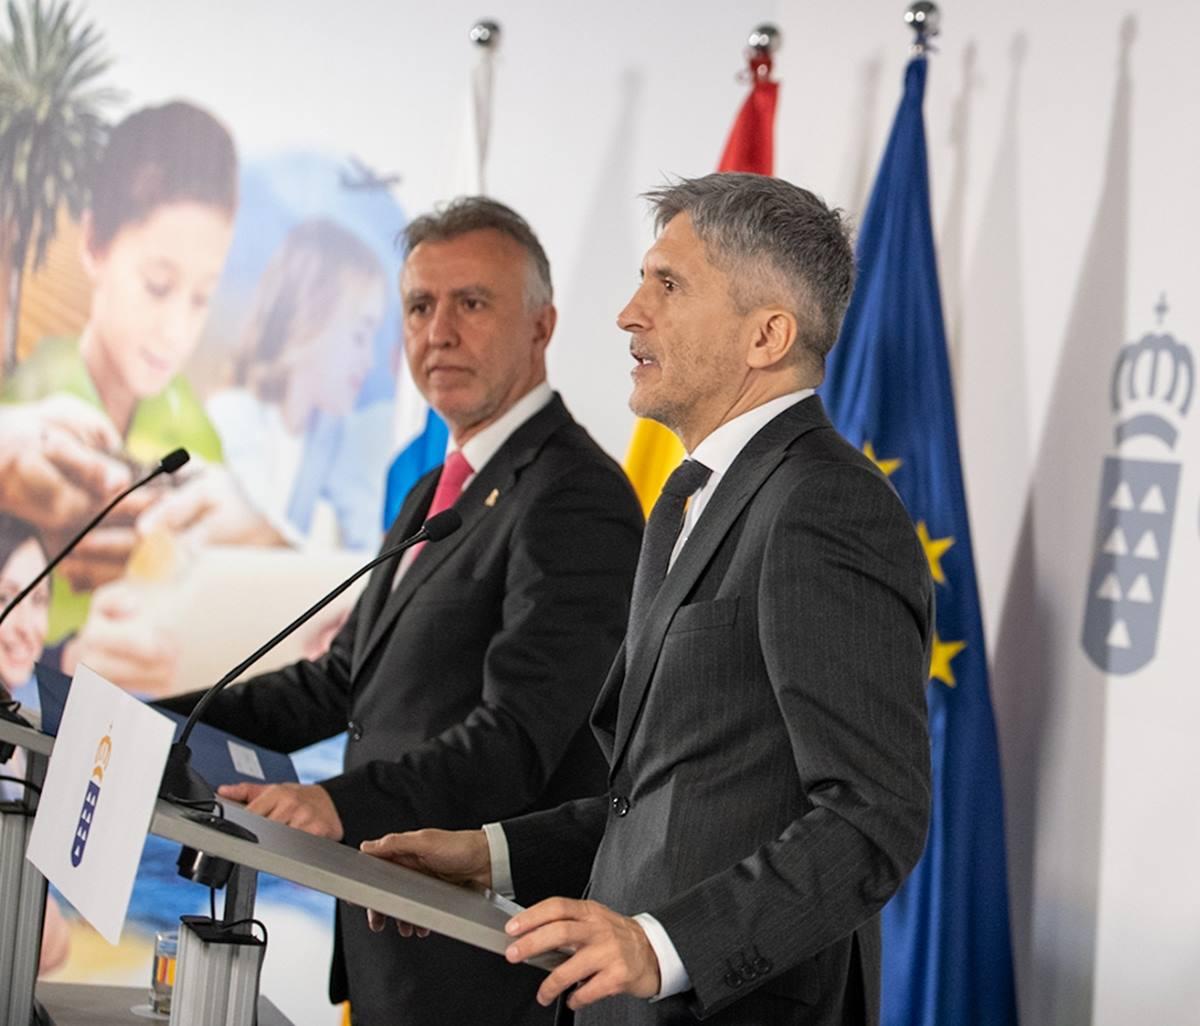 El presidente del Gobierno canario, Ángel Víctor Torres, y el ministro del Interior, Fernando Grande-Marlaska. DA